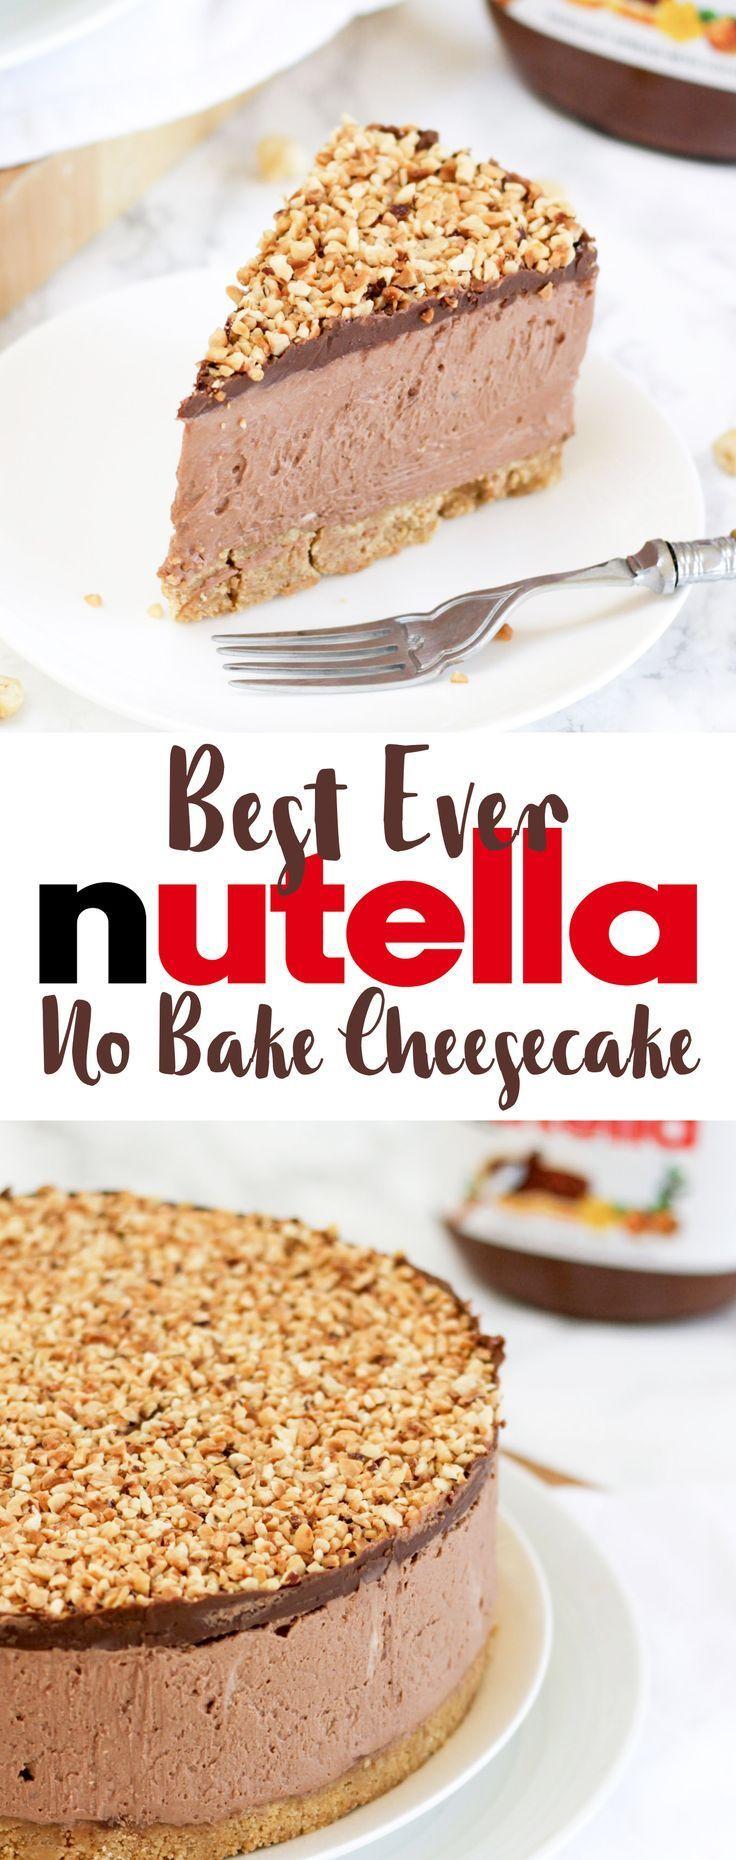 Wie man das Beste macht KEIN BAKE NUTELLA CHEESECAKE! (Mit VIDEO-Tutorial!) Thi #simplecheesecakerecipe